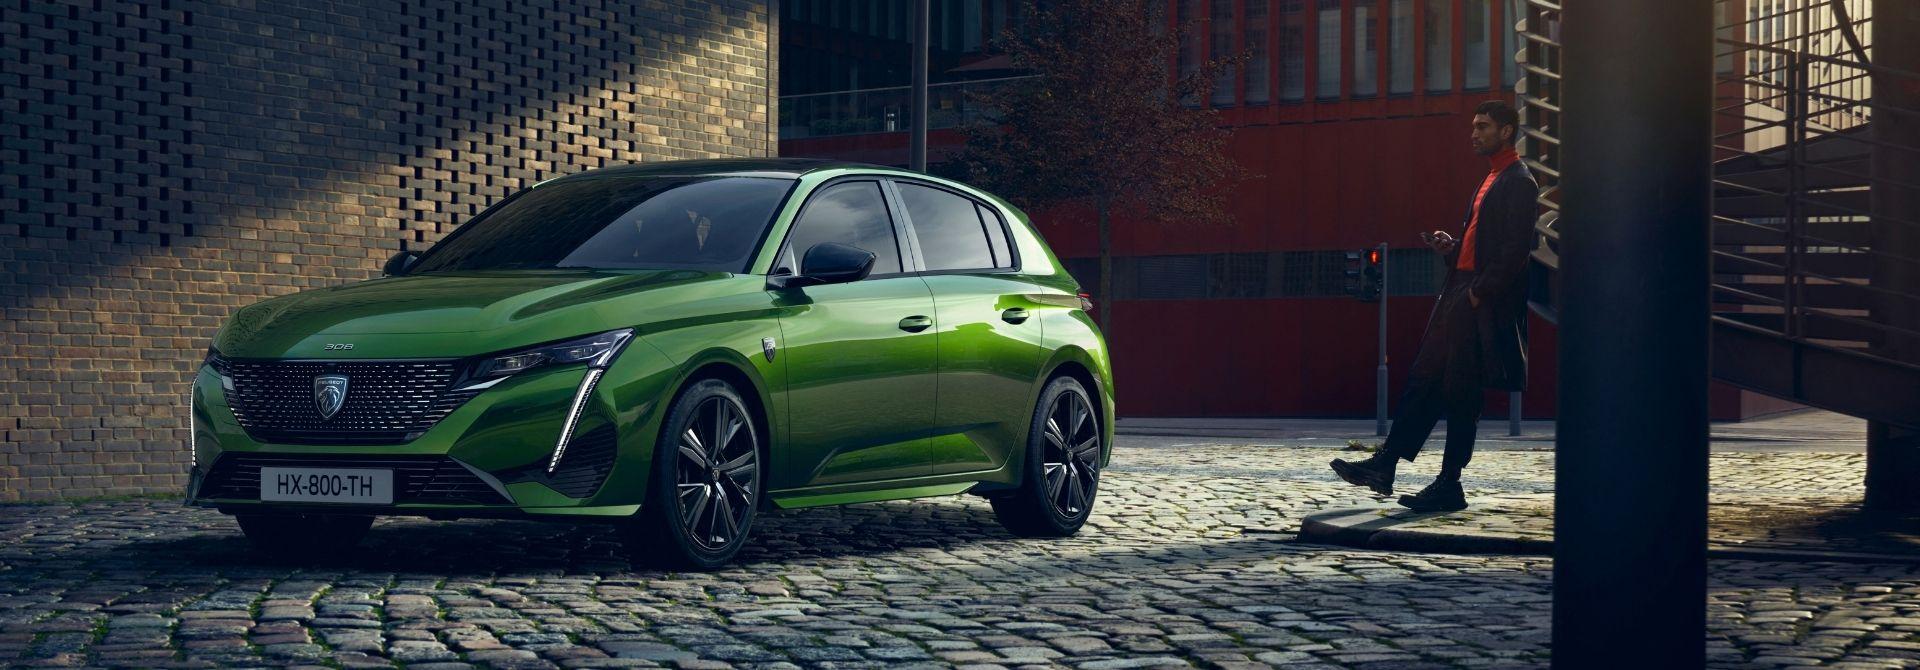 Zbrusu nový Peugeot 308, nová tvář Peugeot